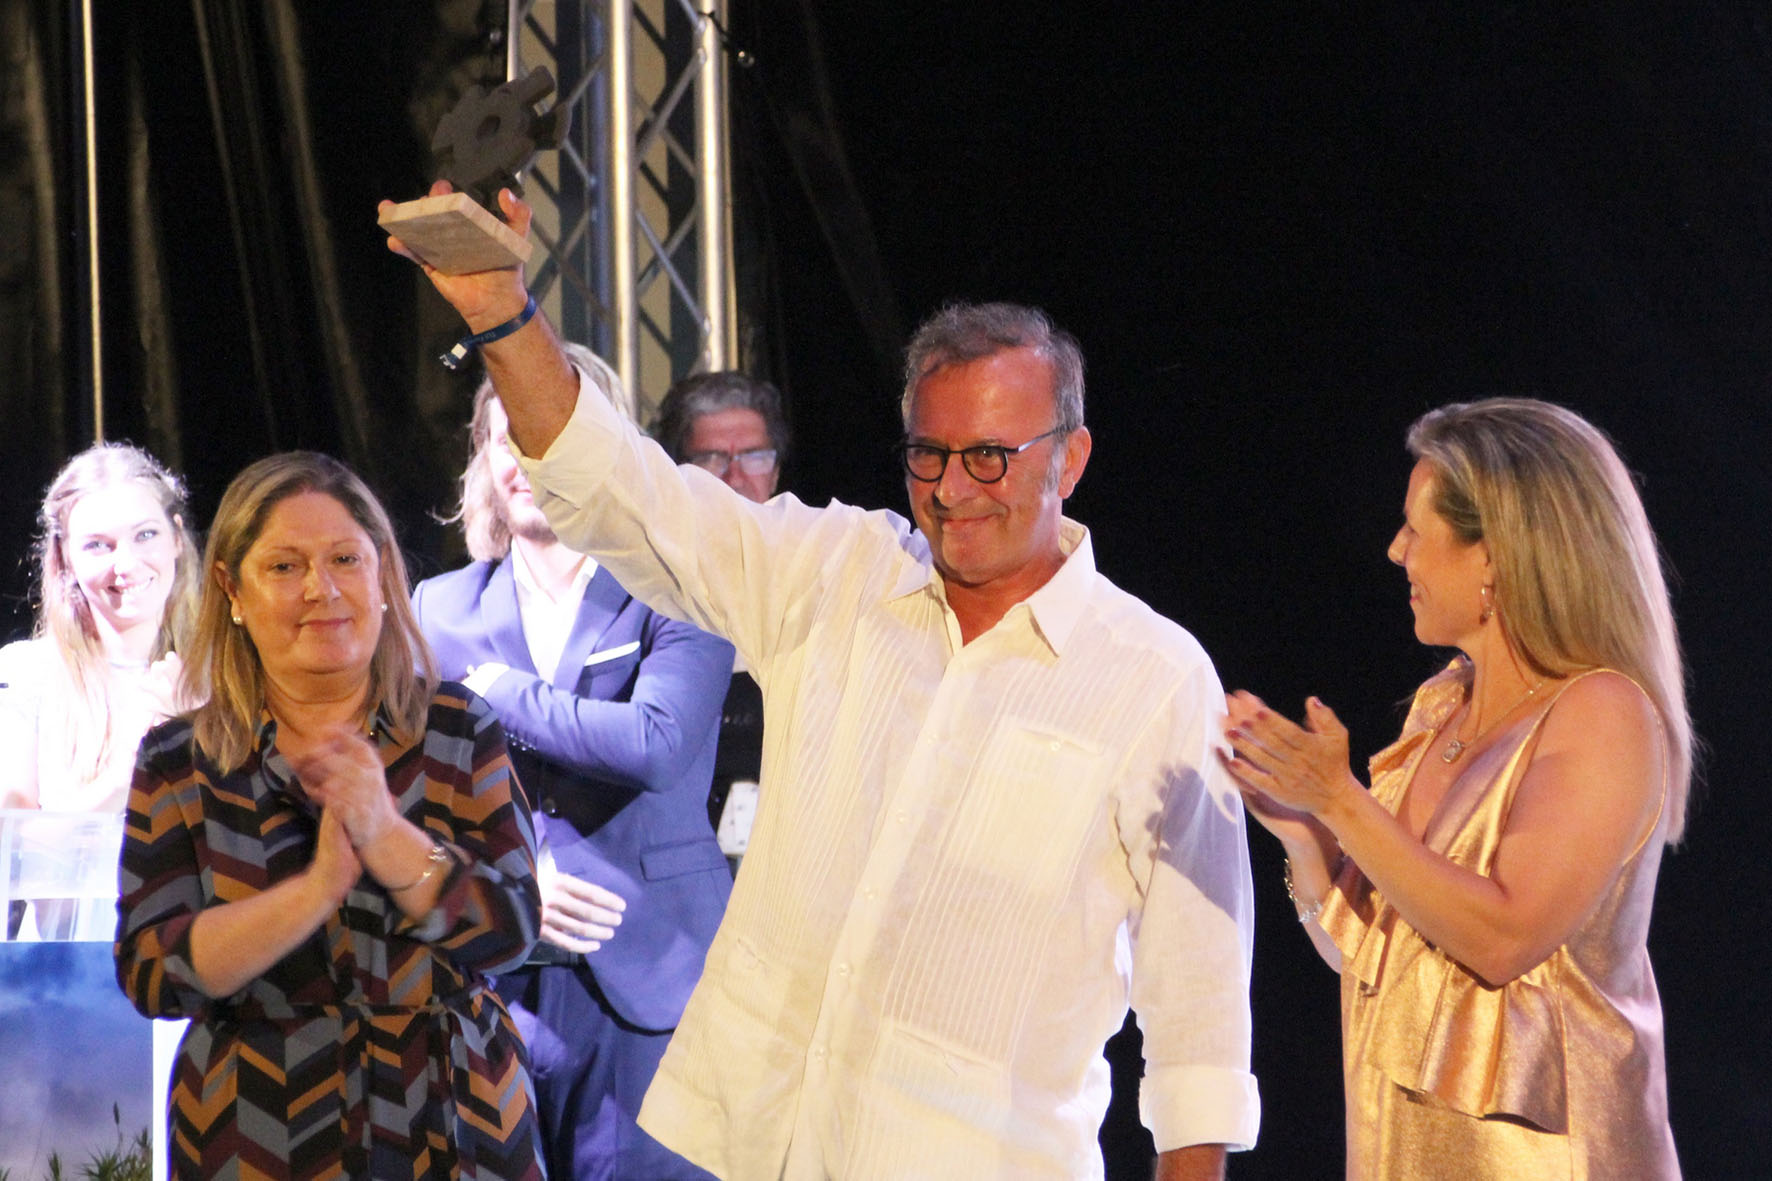 2018 07 07 Inauguración del XI Festival de Islantilla - Homenaje a Antonio P. Pérez (1)